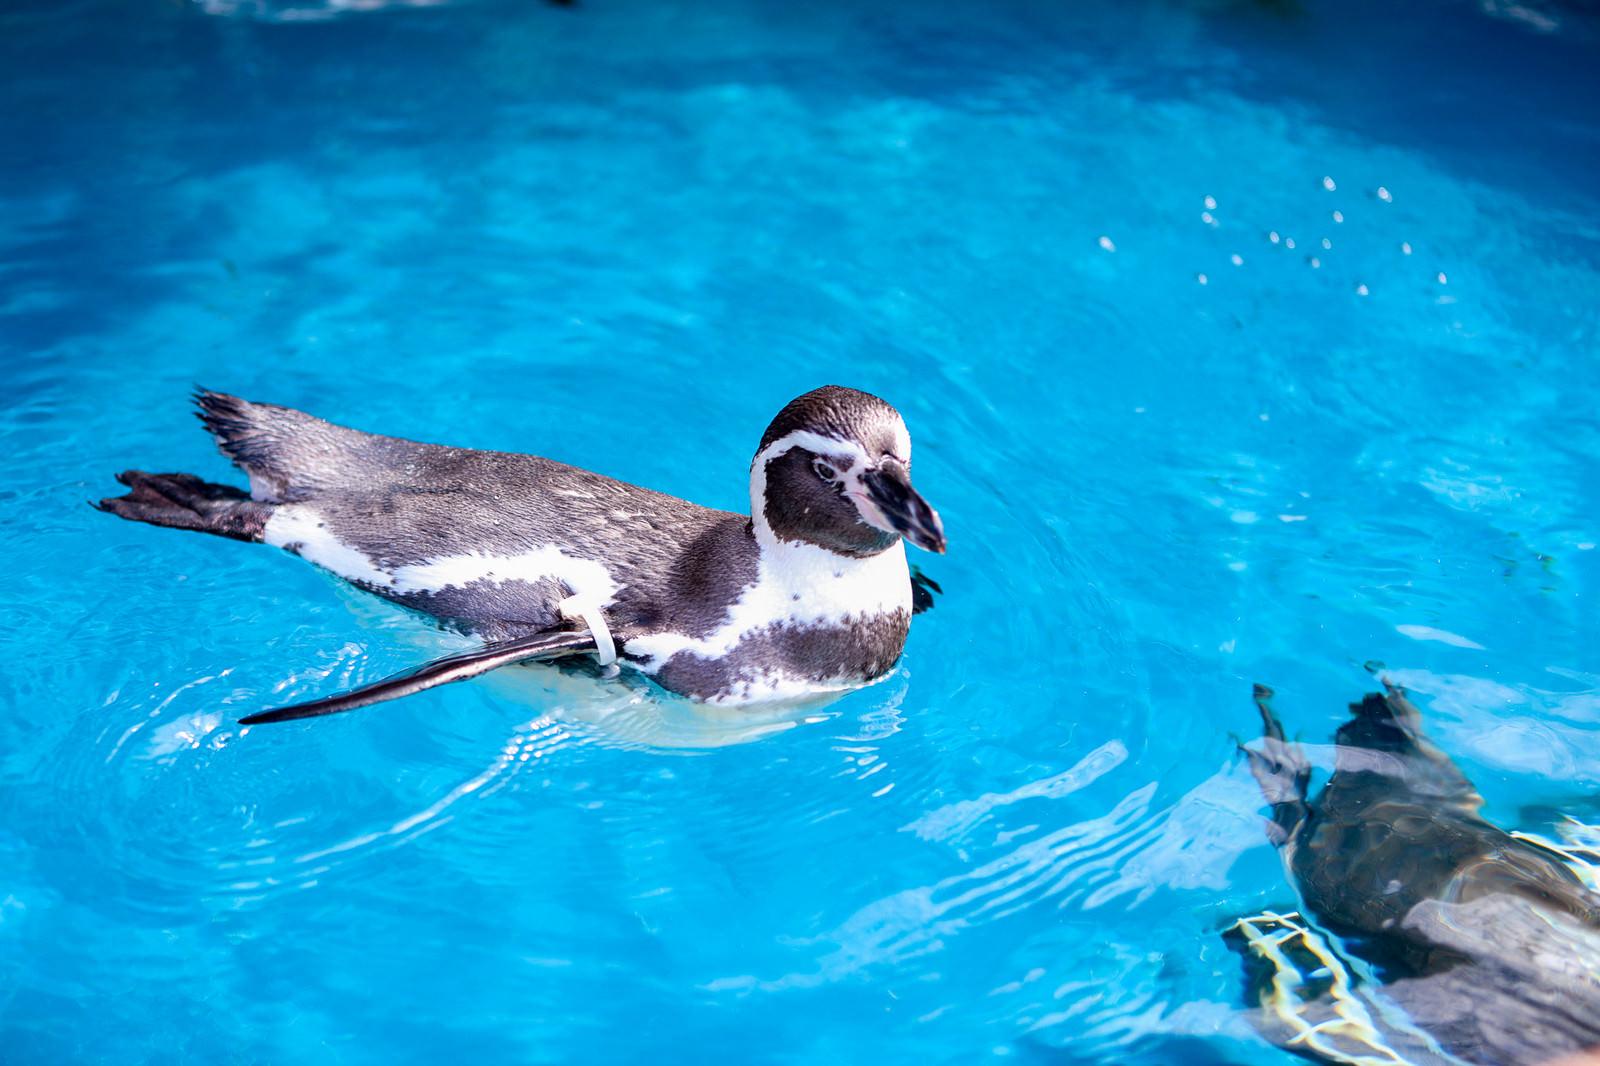 「水族館のプールに浮かぶペンギン」の写真